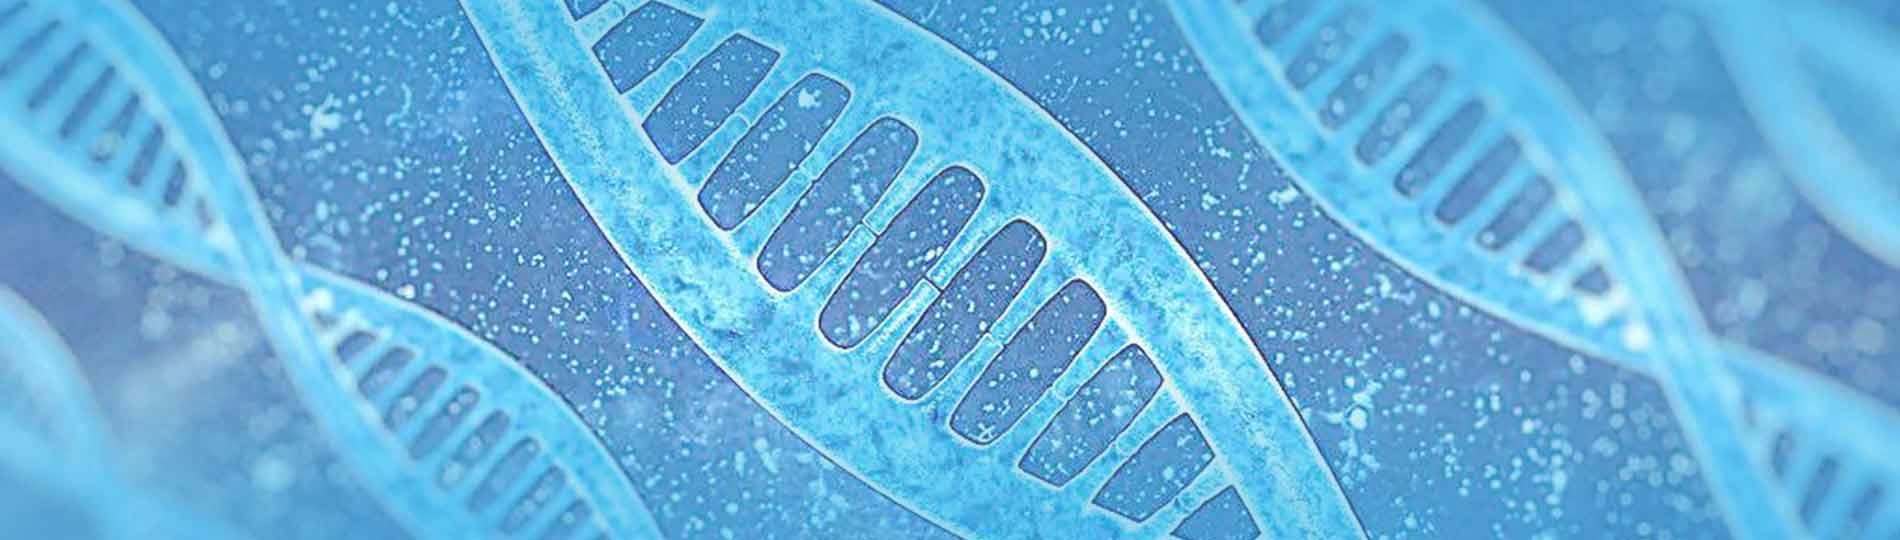 最新结核分枝杆菌基因敲除菌株现货